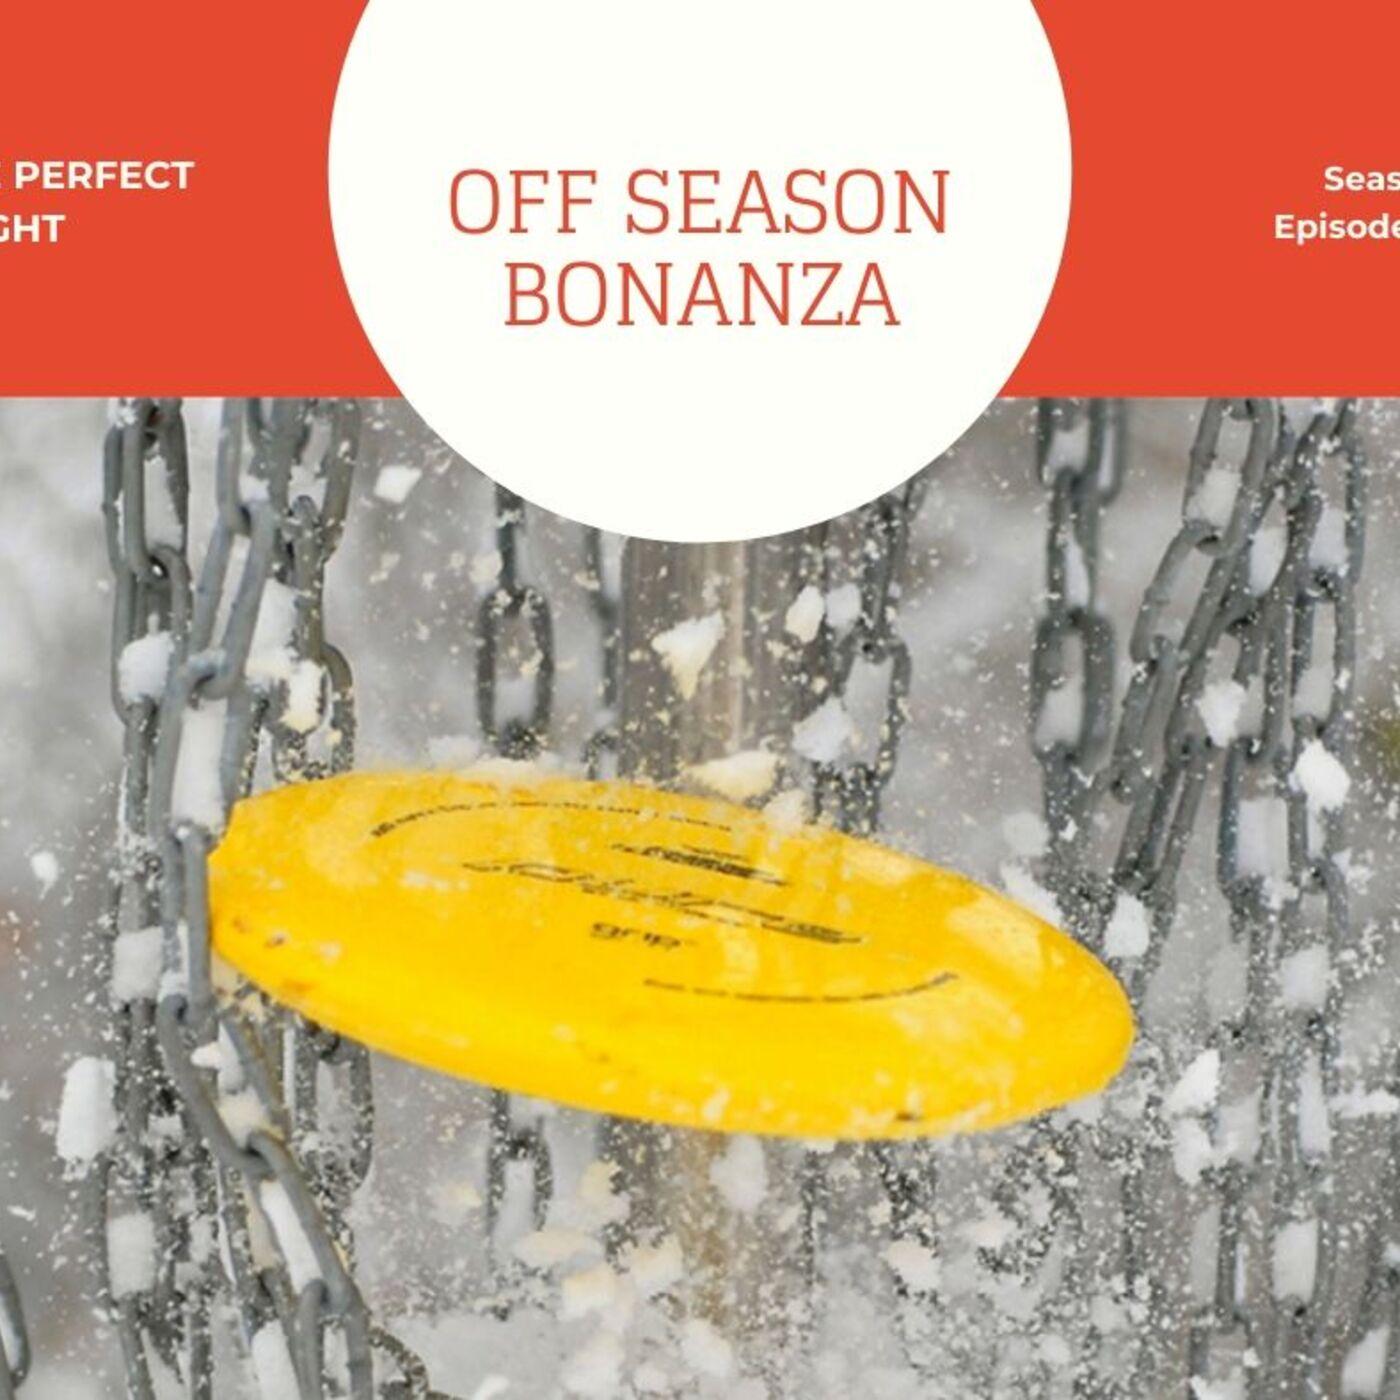 #13 - Off Season Bonanza